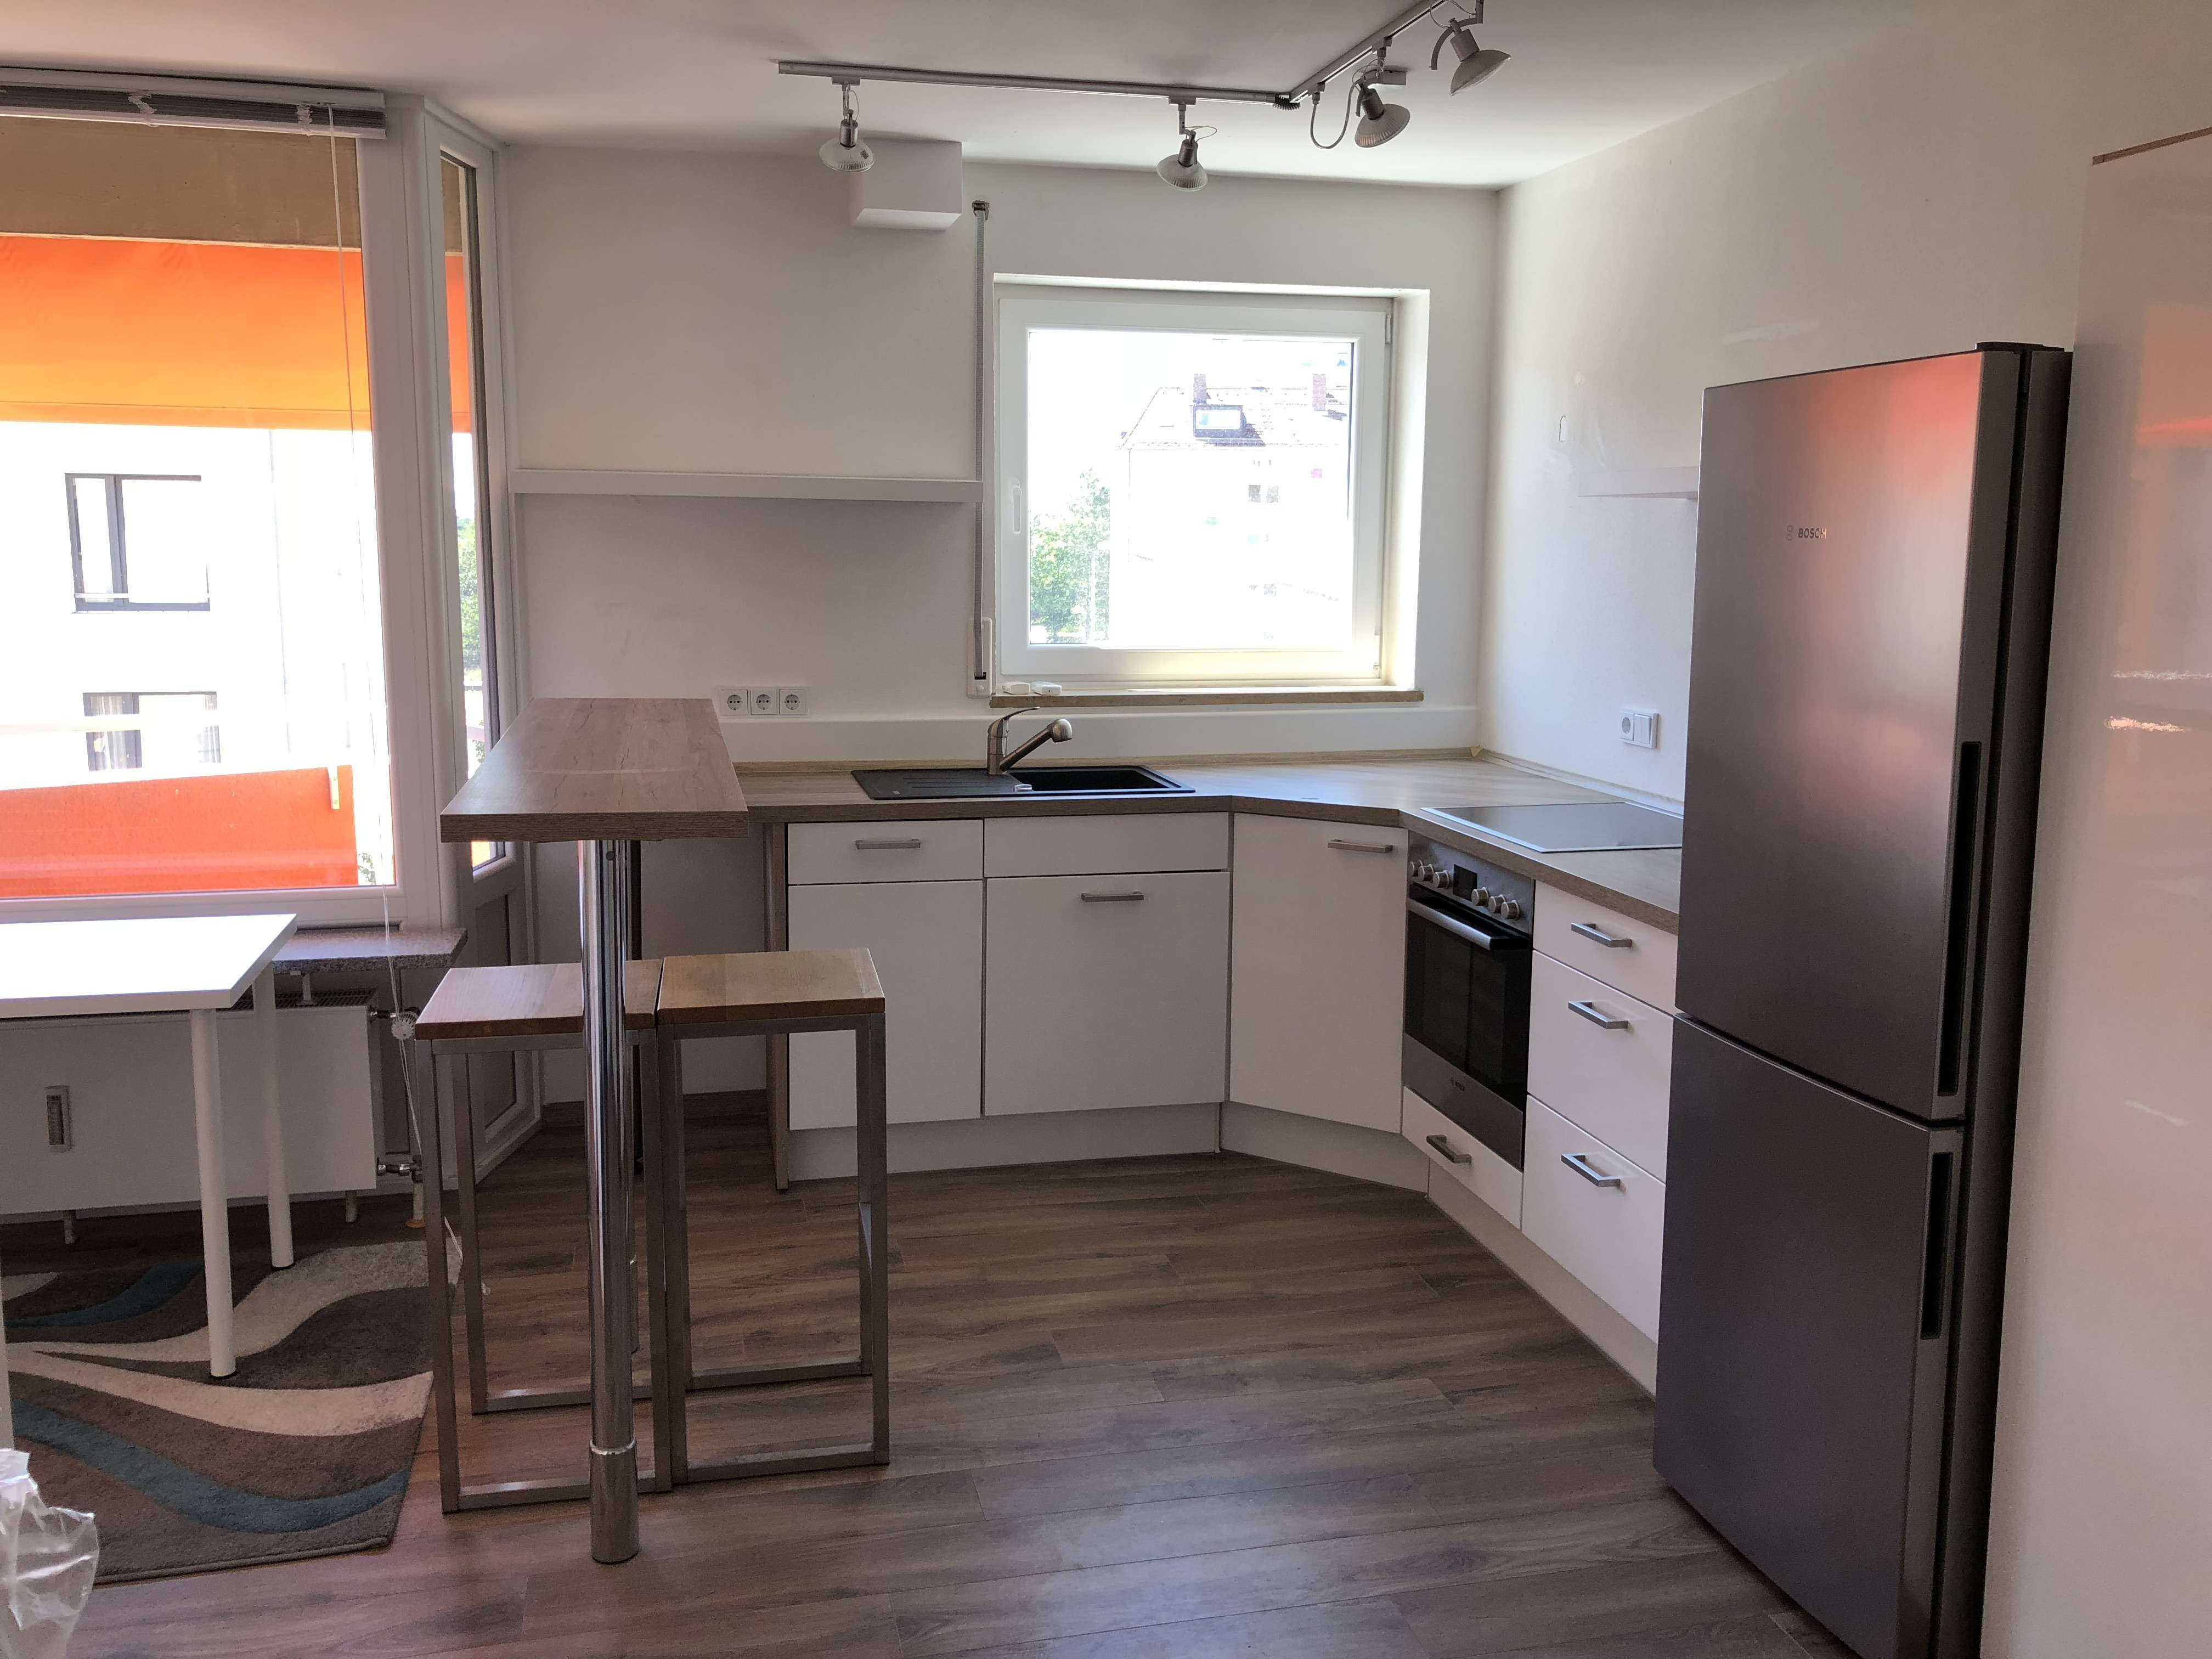 Exklusive, sanierte 1-Zimmer-Wohnung mit Balkon und Einbauküche in Nürnberg in Eberhardshof (Nürnberg)